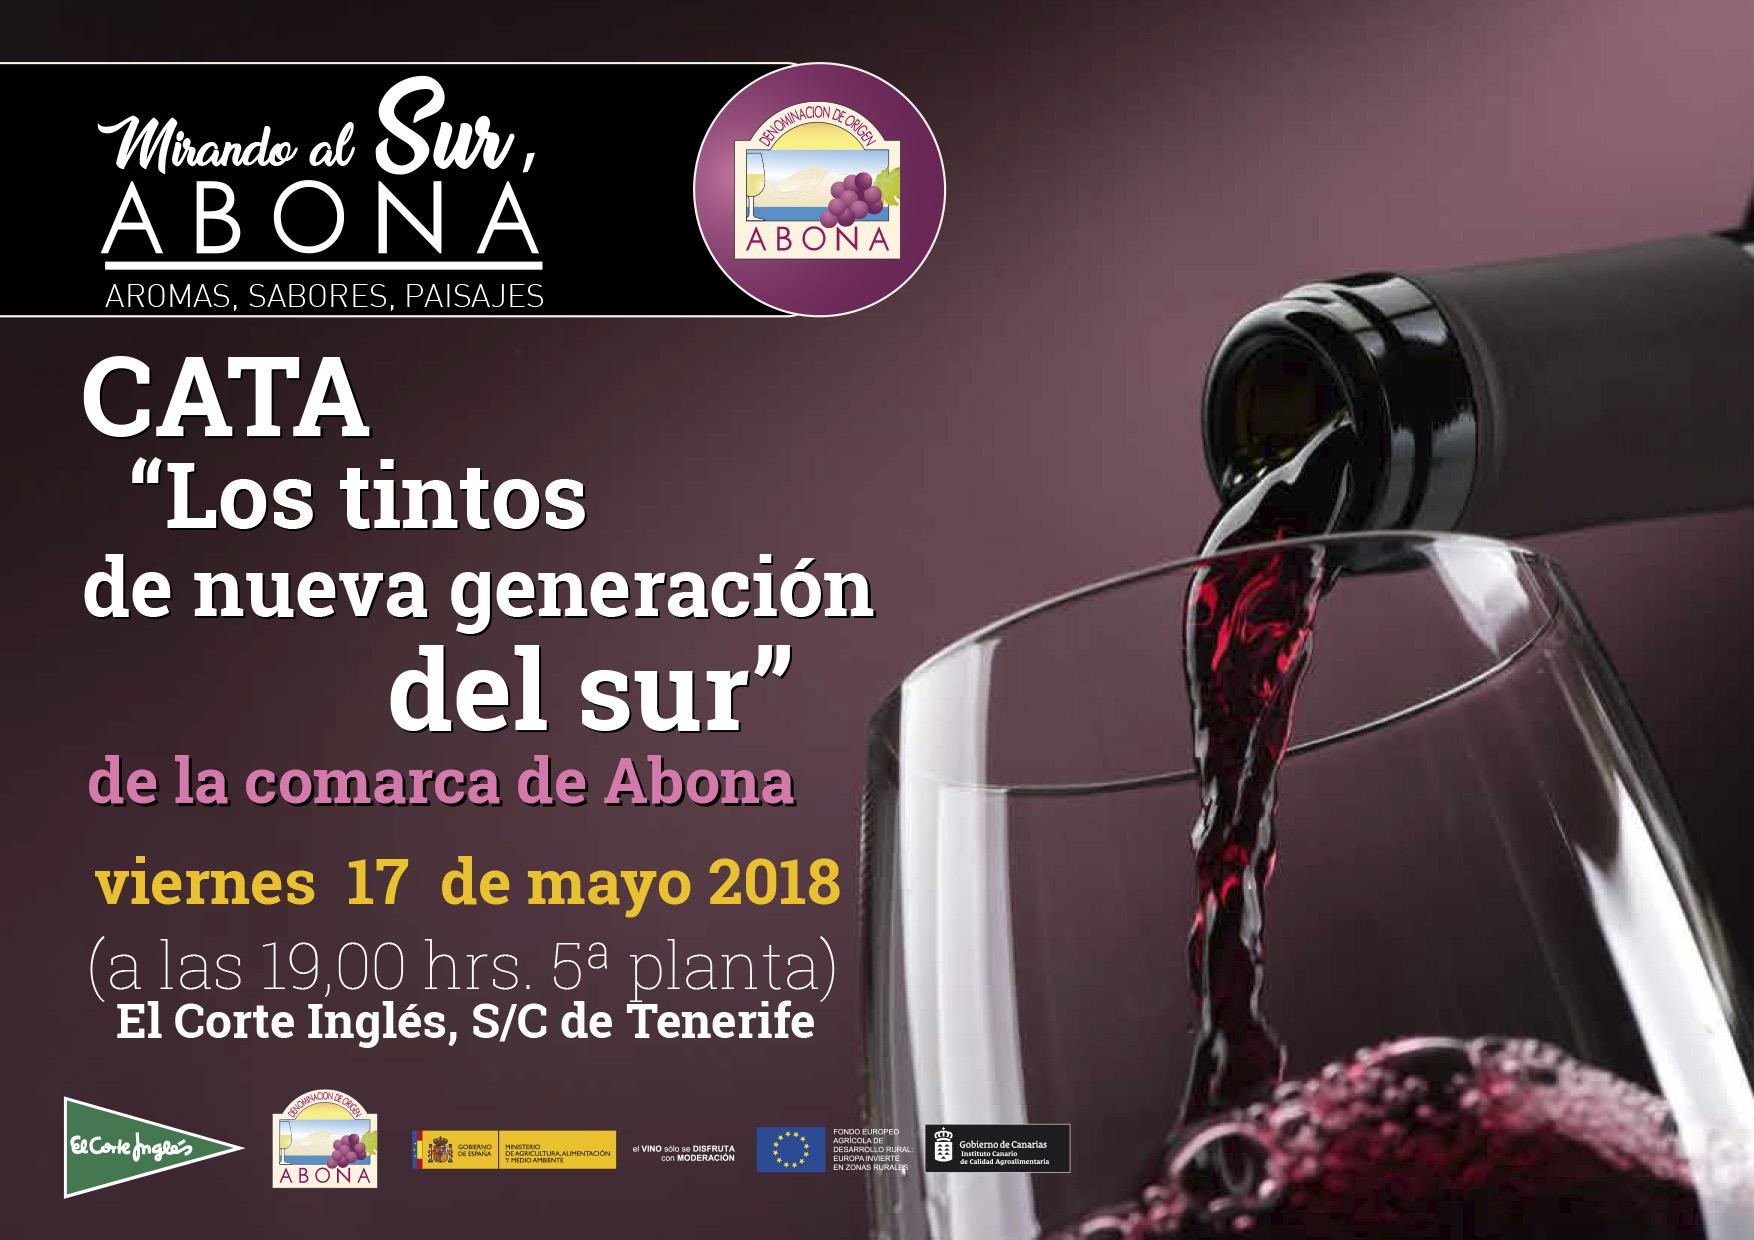 Los Tintos de nueva generación en el Sur, cata degustación comentada, en El Corte Inglés de S/C de Tenerife